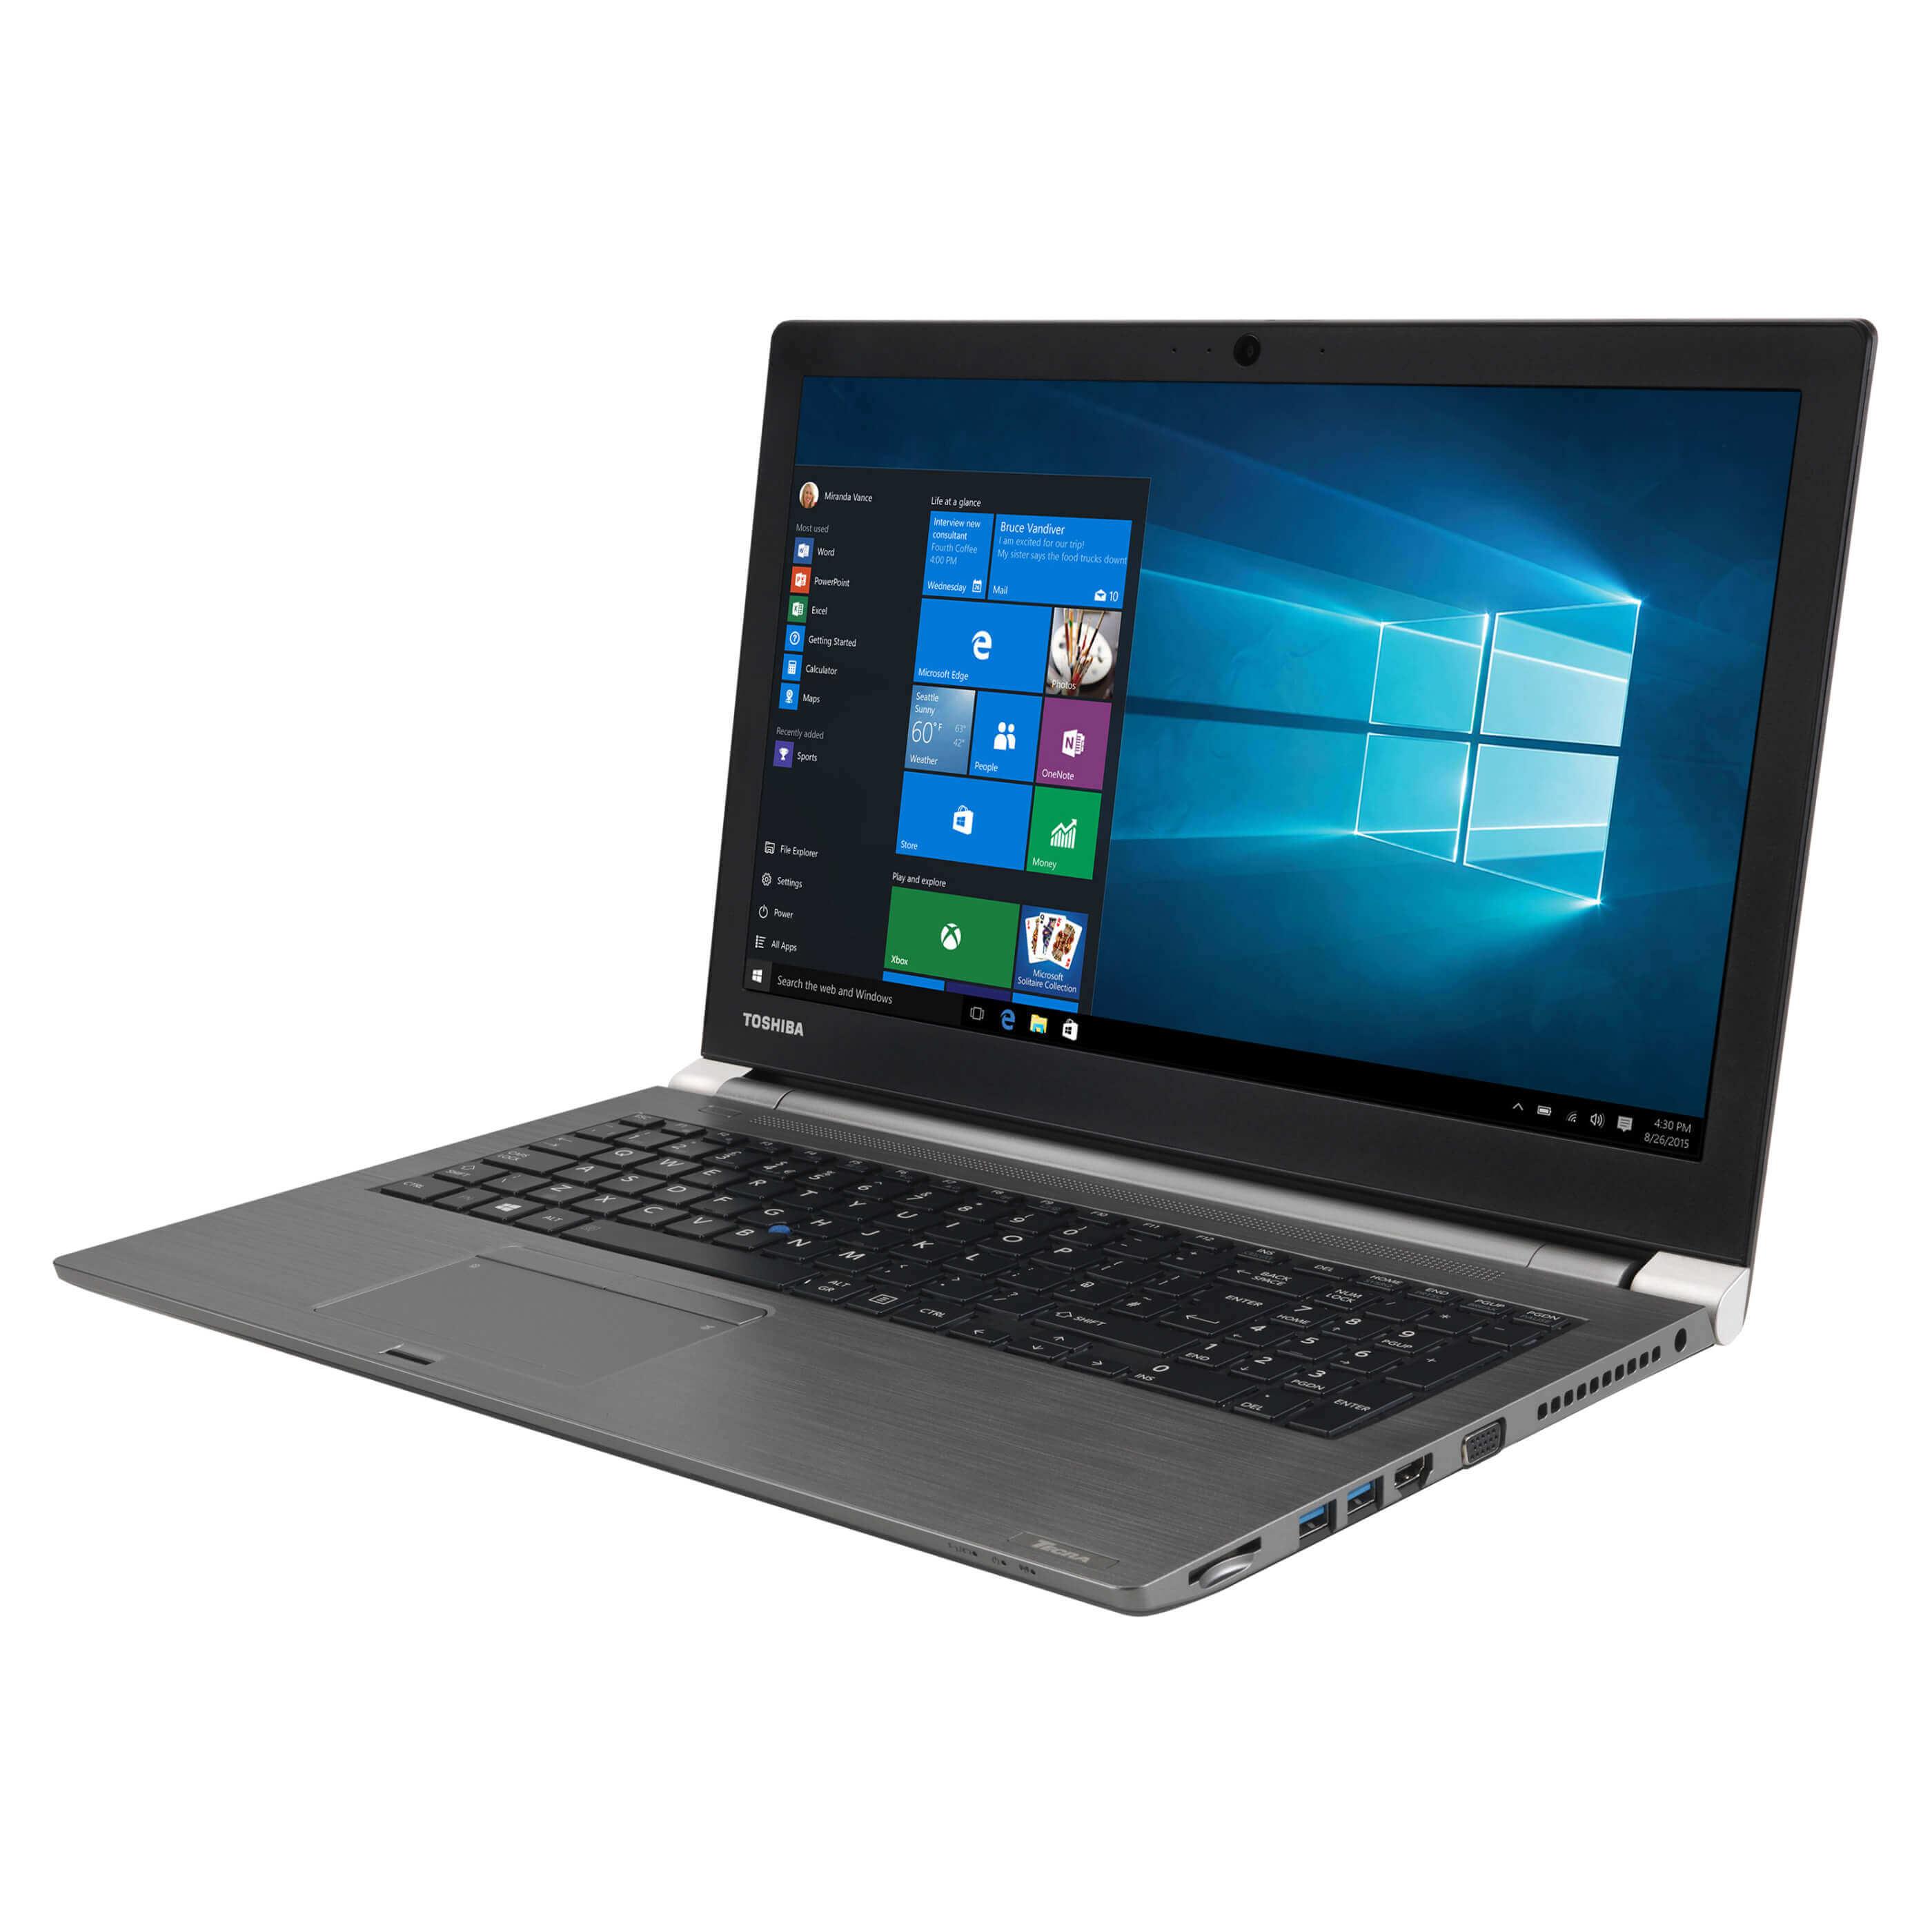 toshiba-notebook-in-saarbrücken, notebook kaufen, toshiba, 15,6 zoll, computer, computer-reparatur, Windows-10